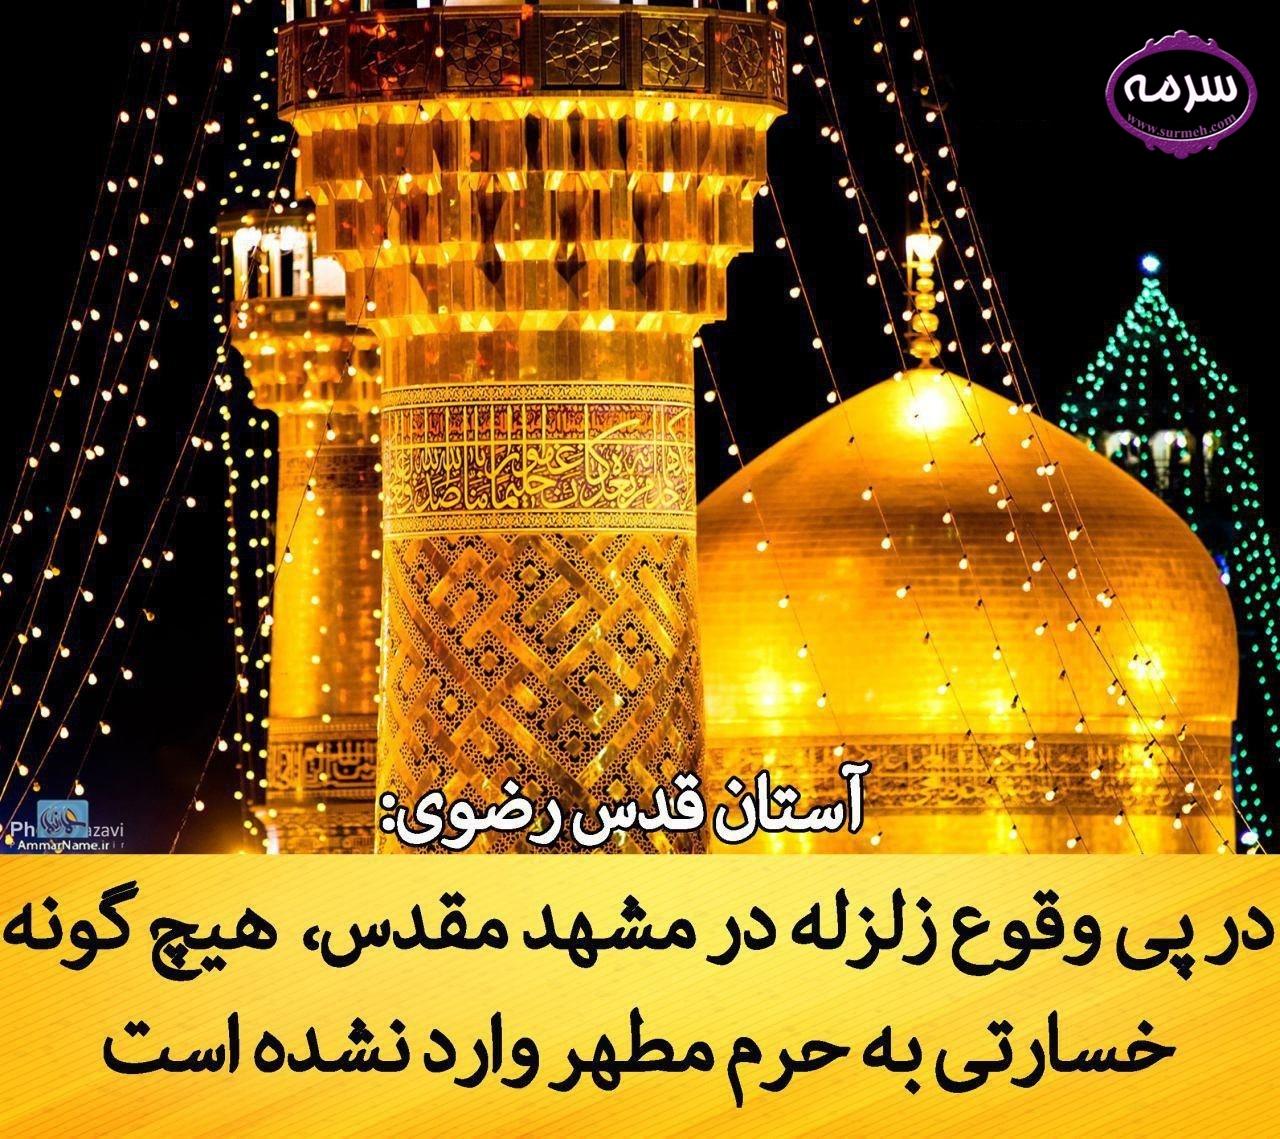 خسارت زلزله شدید مشهد به آستان قدس رضوی + عکس